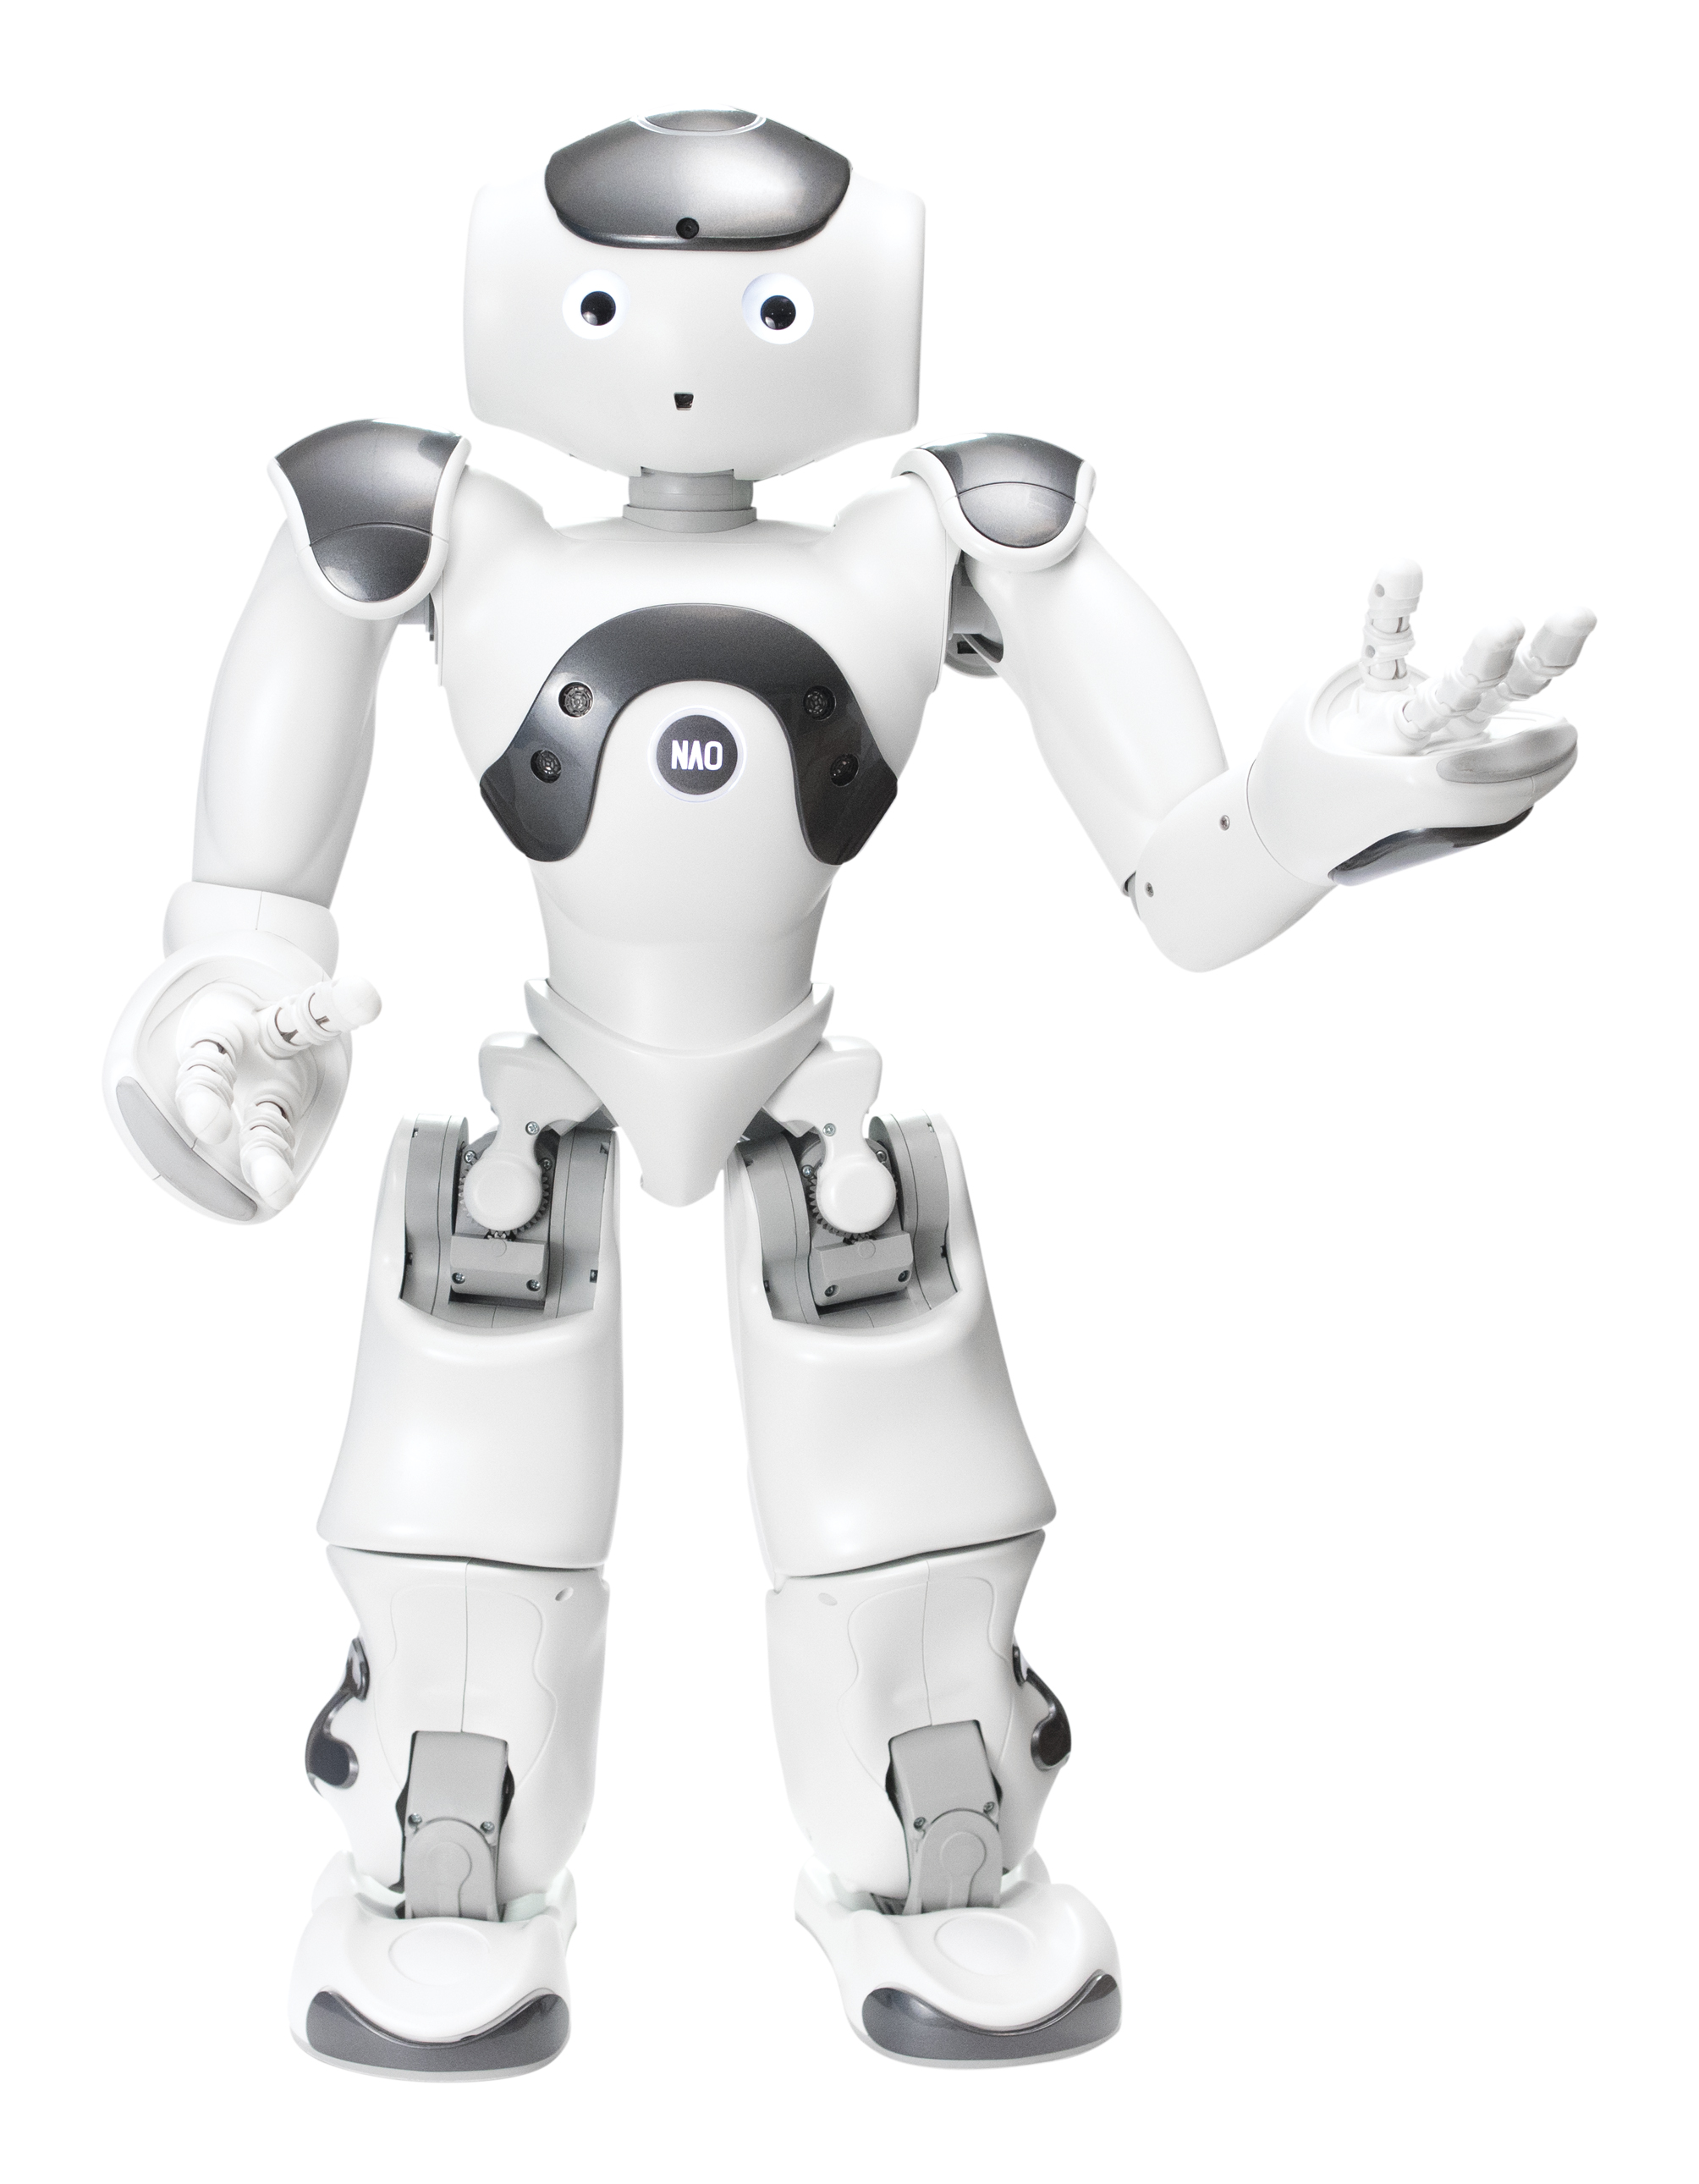 Erm Robot Humano De Nao